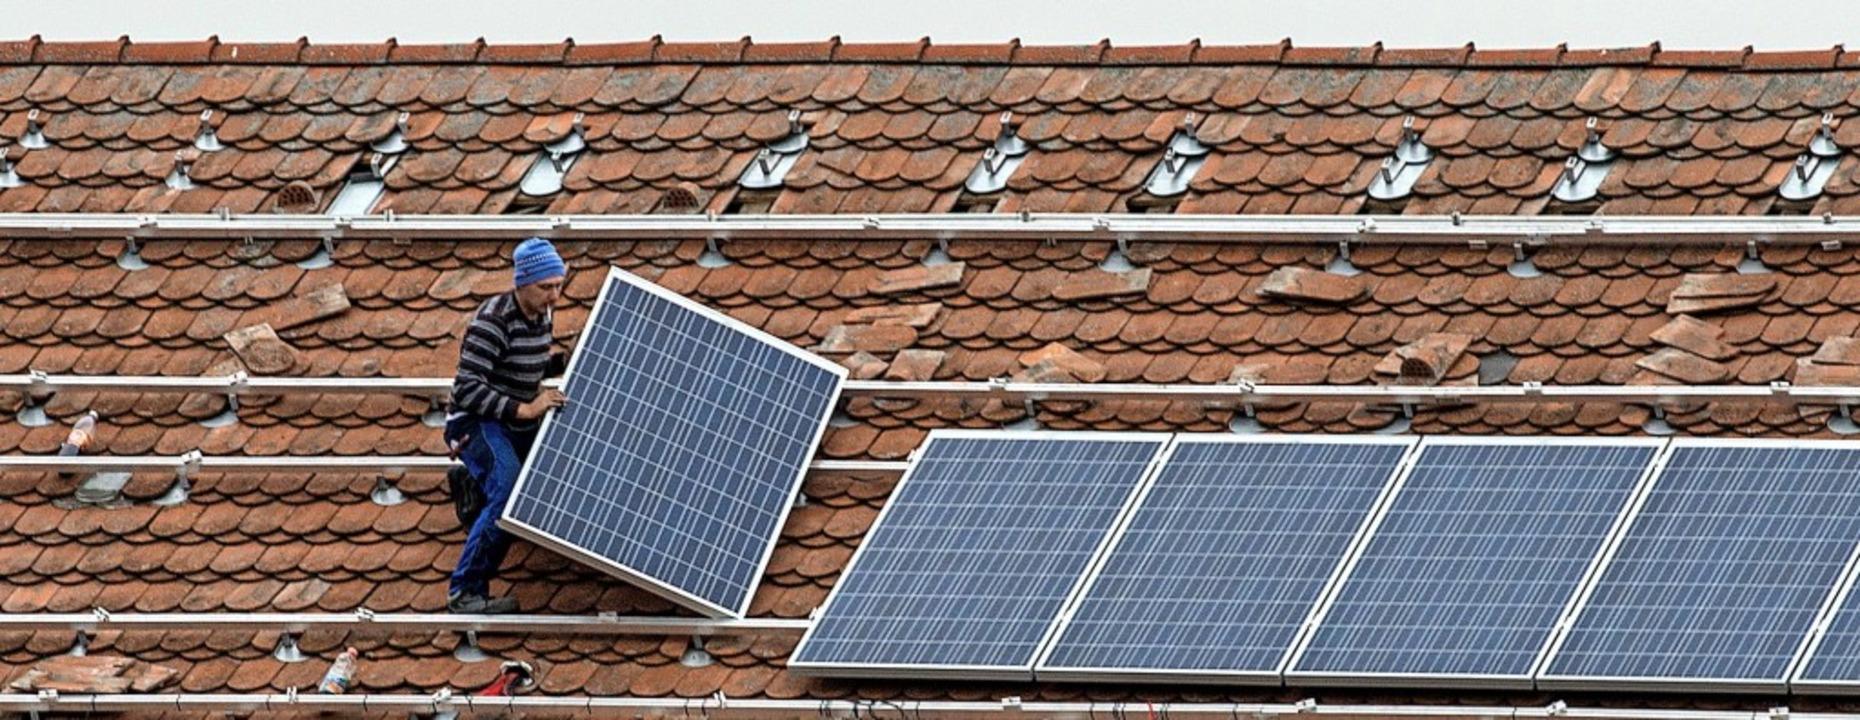 Mit einer Klimaschutzagentur im Landkr...von Photovoltaikanlagen erhöht werden.    Foto: Armin Weigel